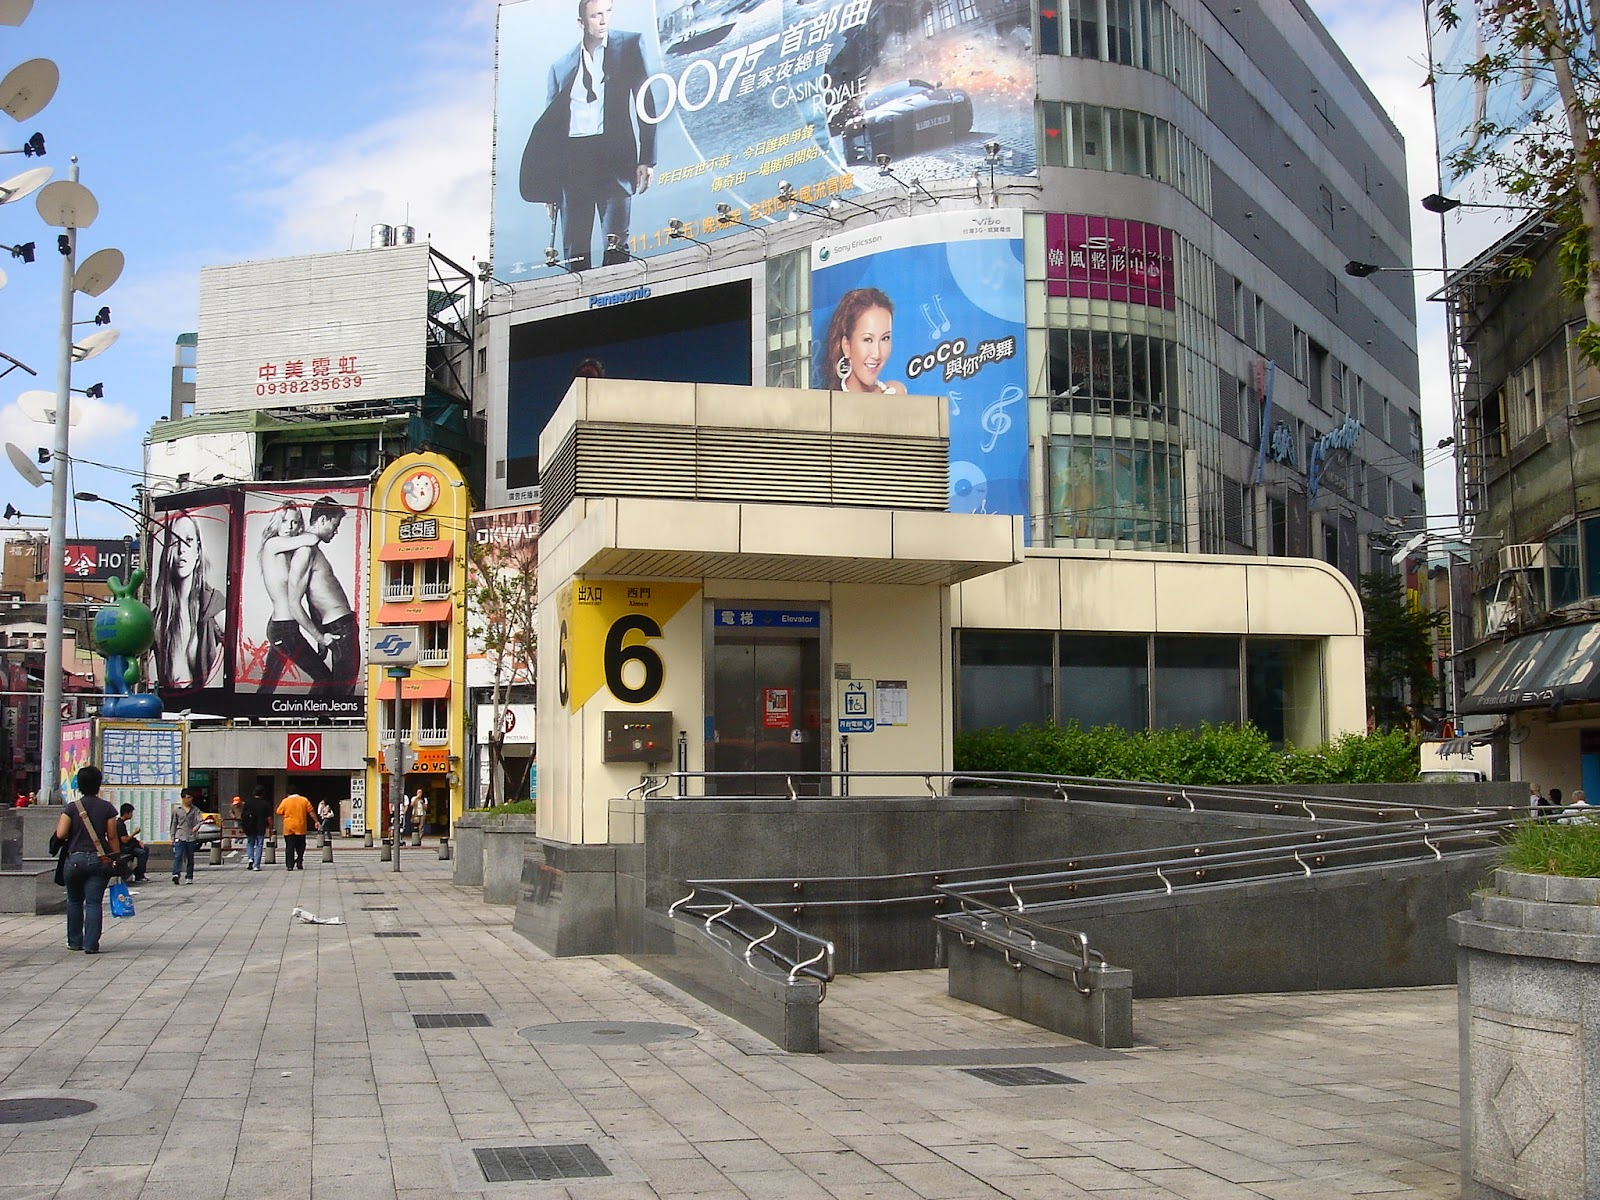 悠遊臺灣-捷運西門站